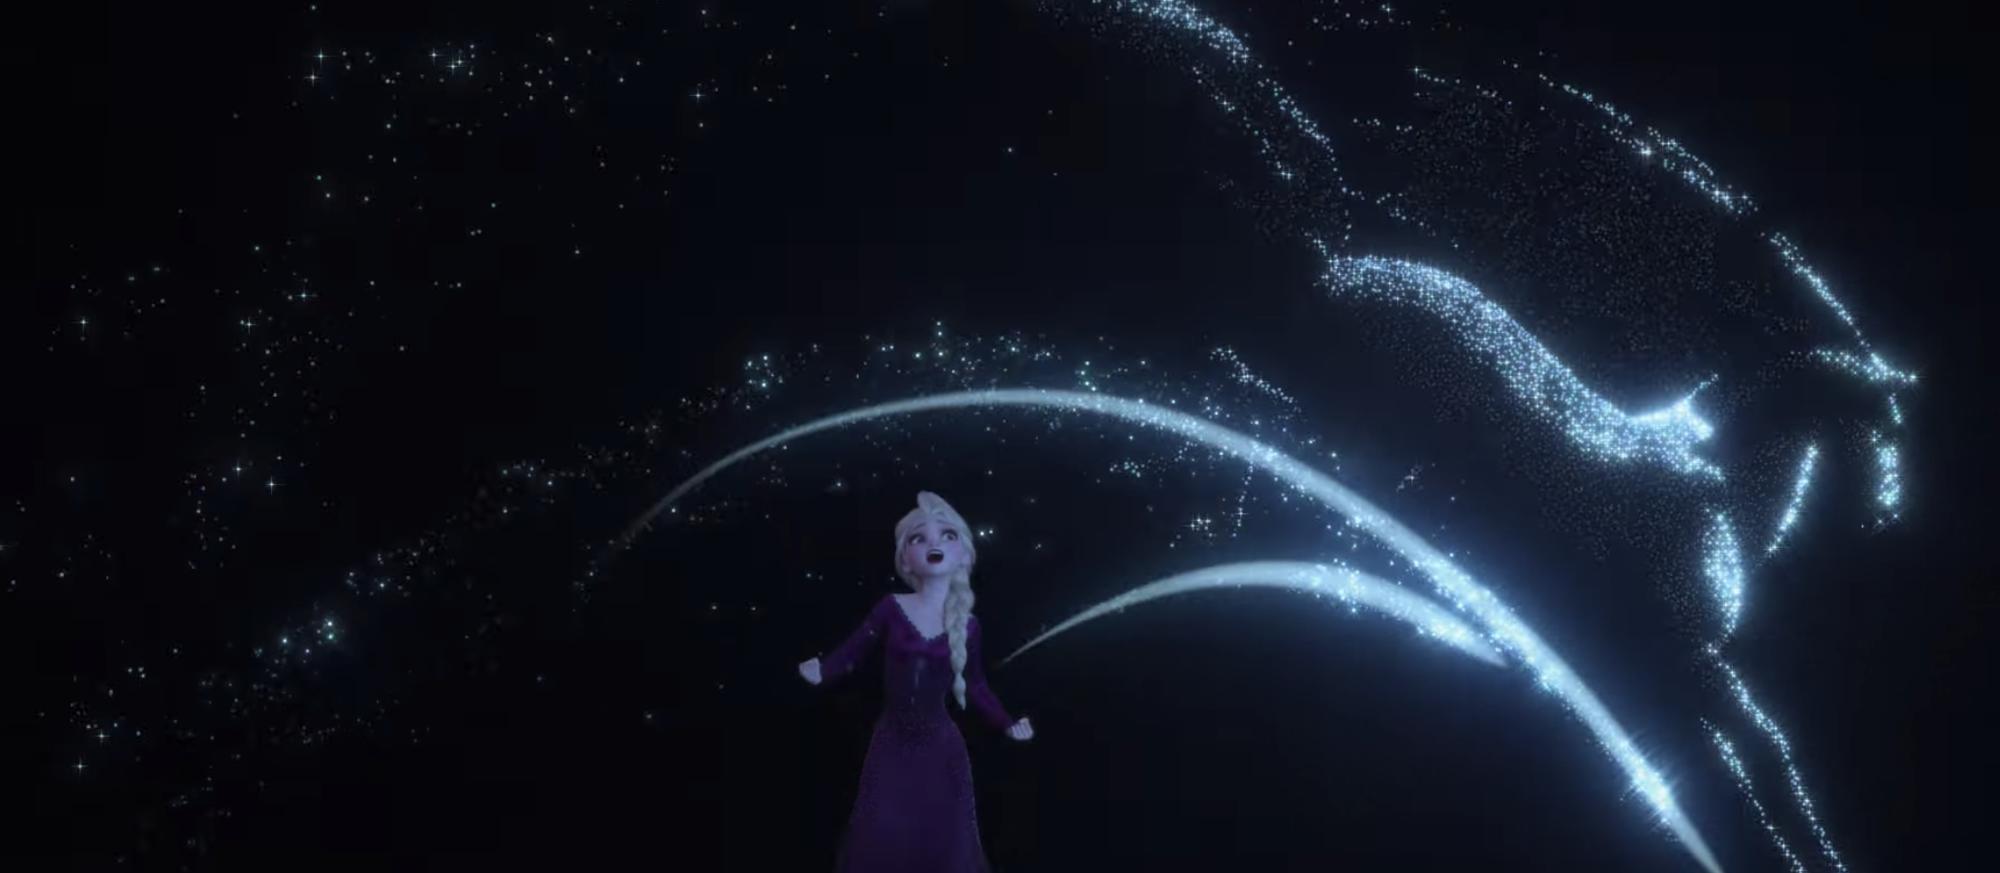 Frozen 2 tung trailer: Elsa cực kì lộng lẫy, xuất hiện siêu thú kì lân hoành tráng! - Ảnh 8.